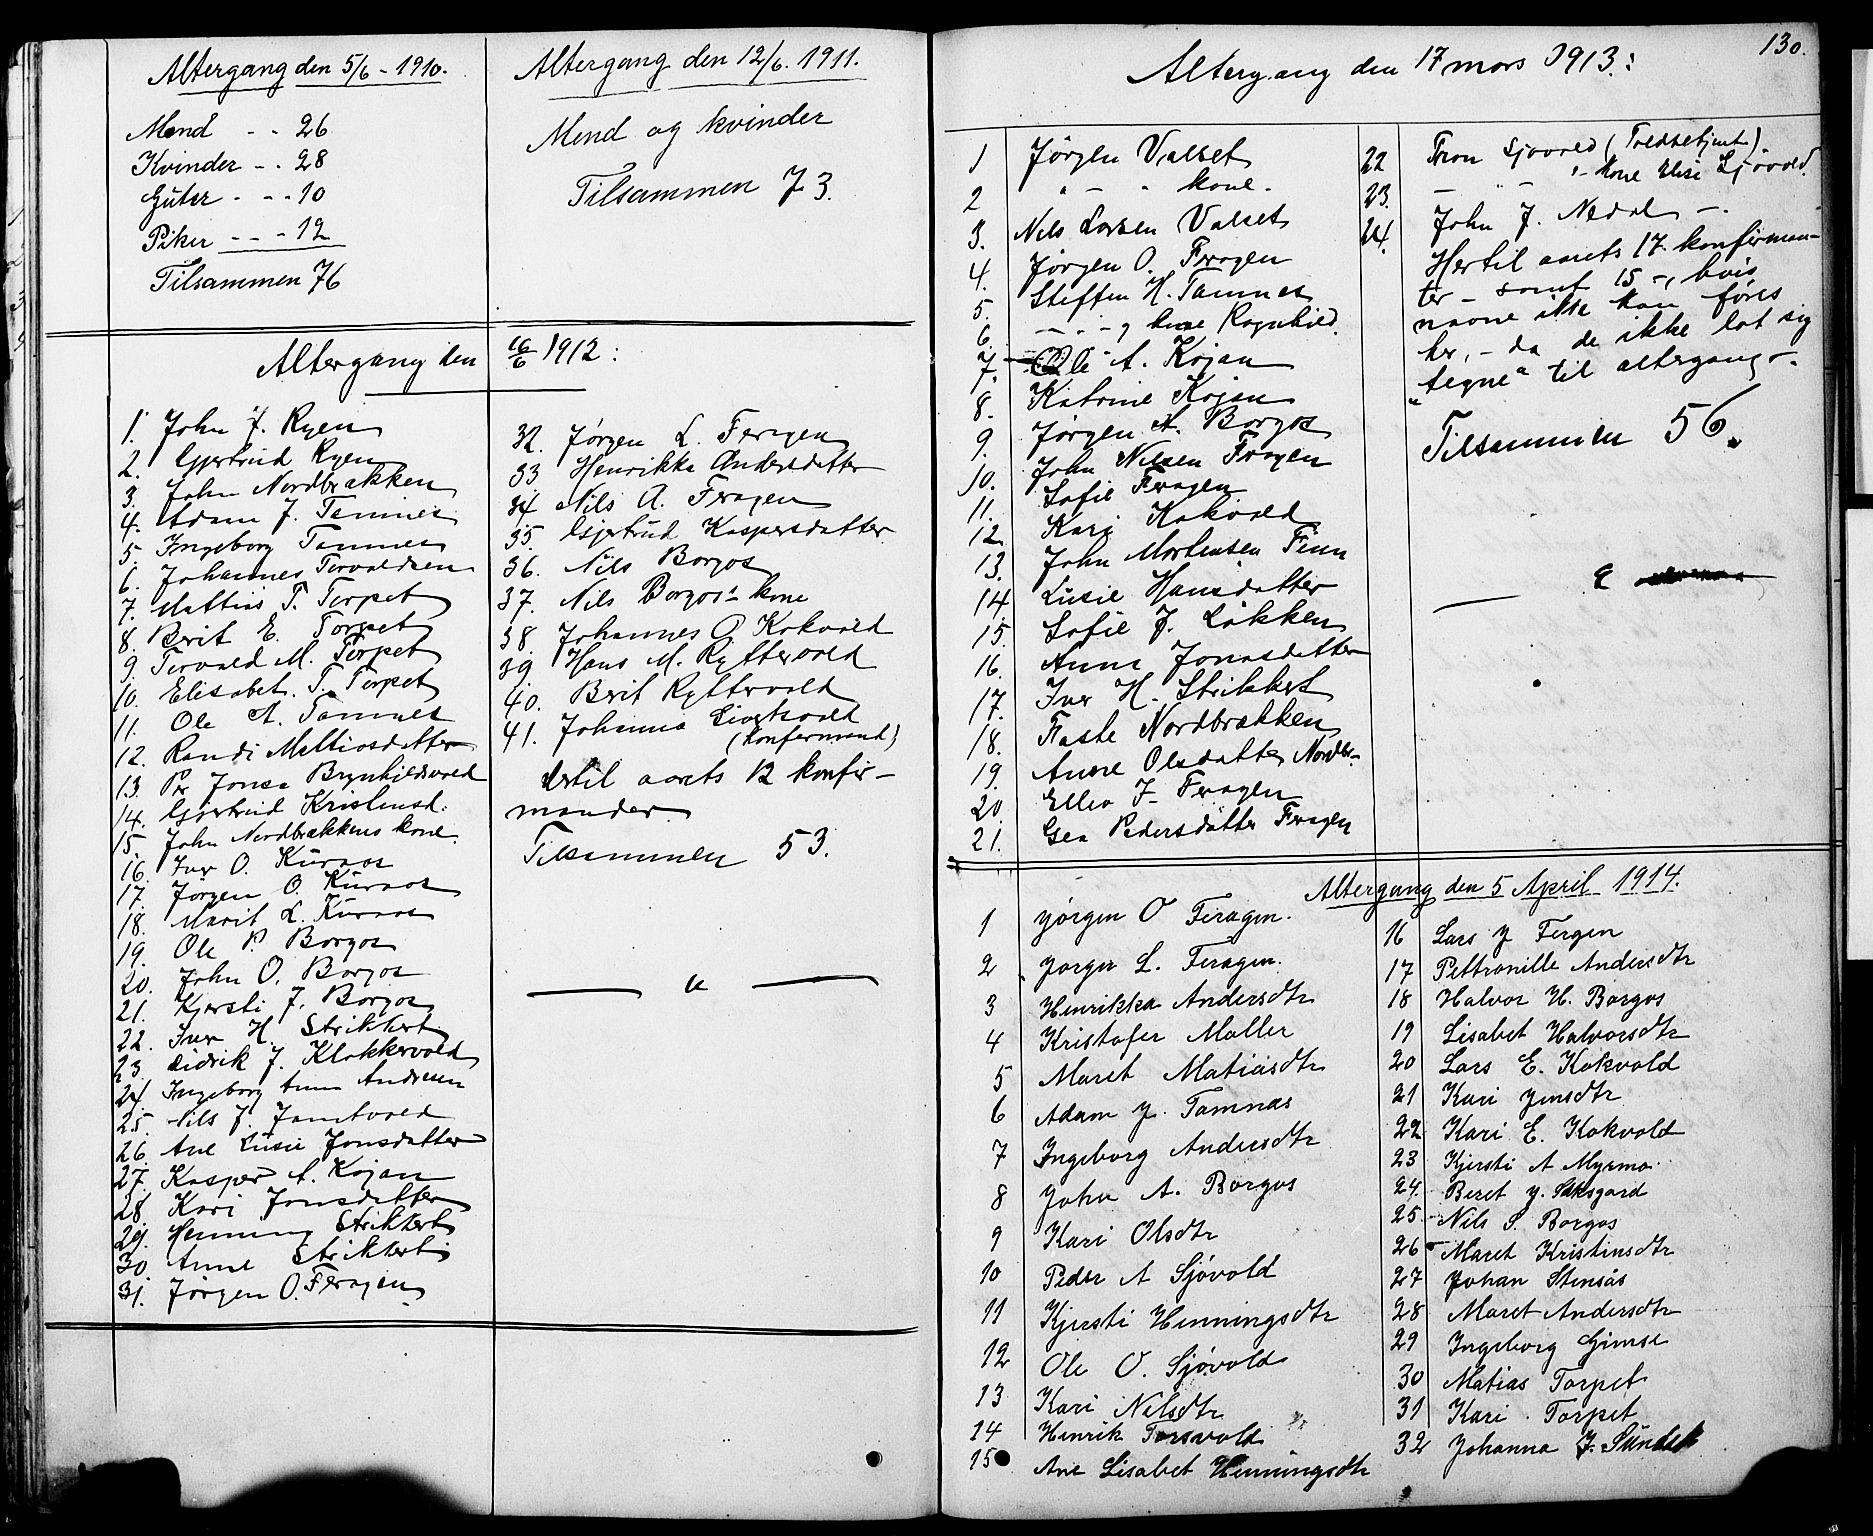 SAT, Ministerialprotokoller, klokkerbøker og fødselsregistre - Sør-Trøndelag, 683/L0949: Klokkerbok nr. 683C01, 1880-1896, s. 130